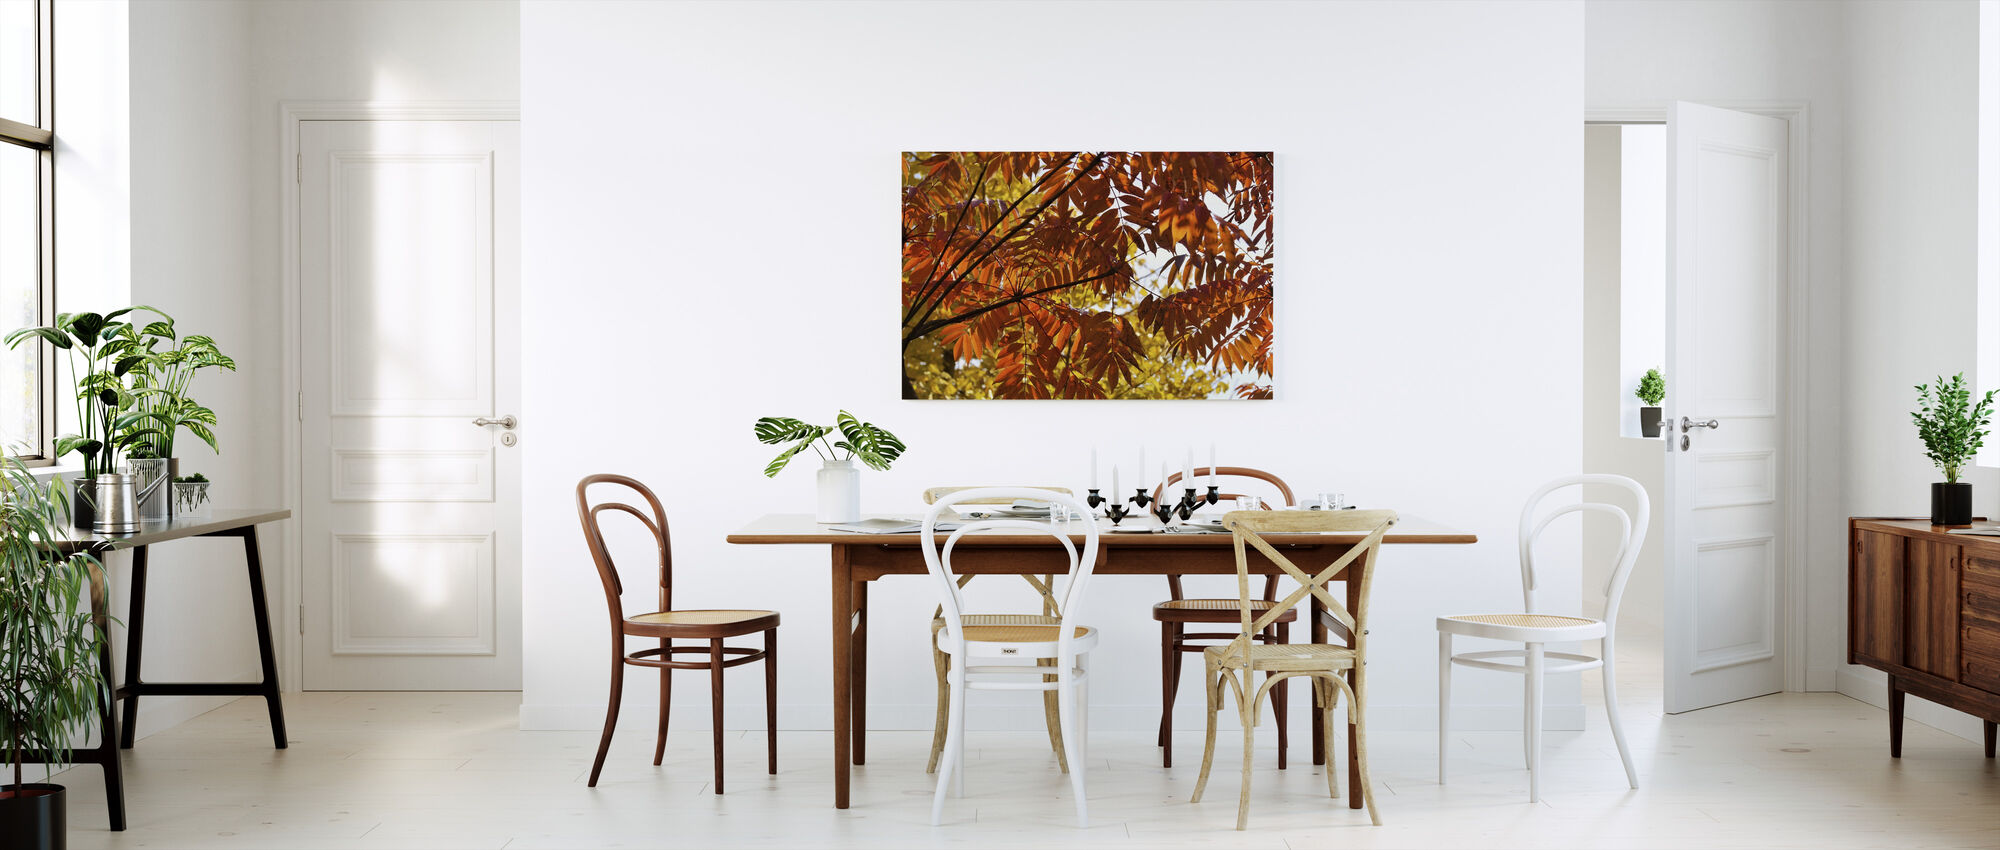 Gingko Lehdet - Canvastaulu - Keittiö